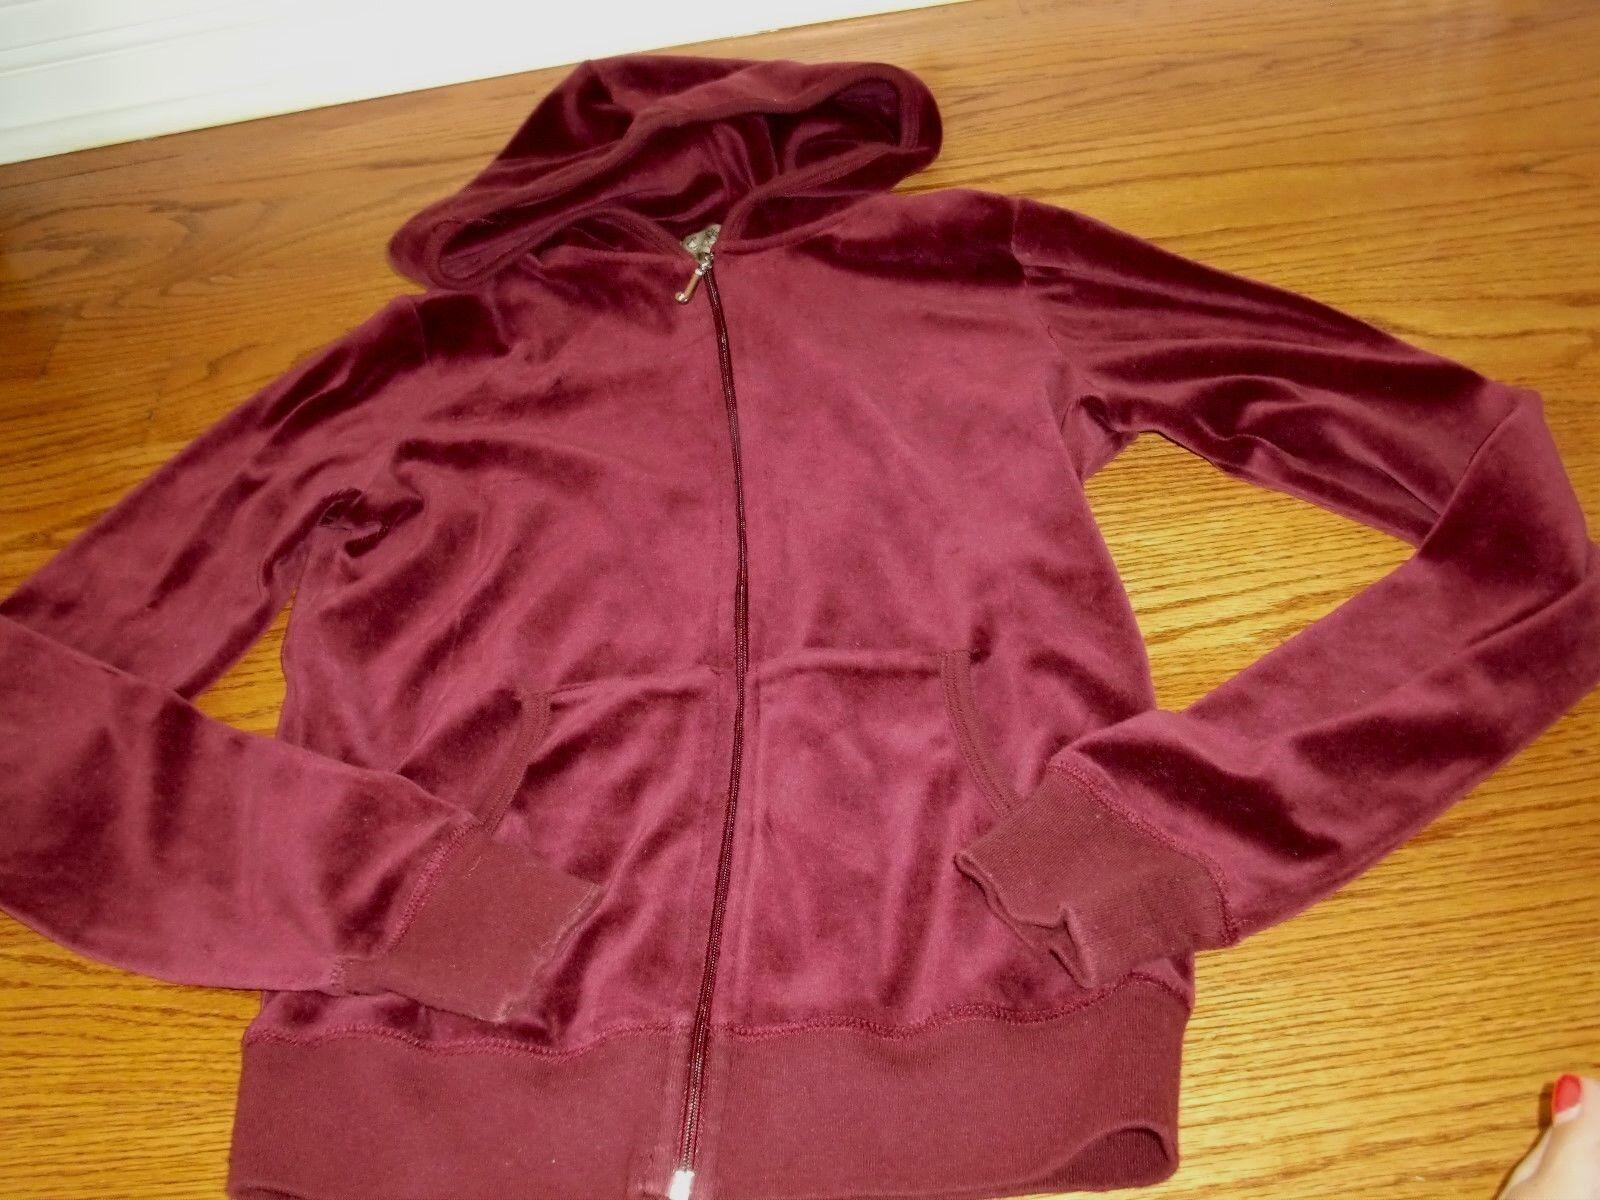 Mädchen ~ JUICY COUTURE ~ Samt-Kapuzenpullover mit durchgehendem Reißverschluss Pullover / Jacke Größe M (12-14)